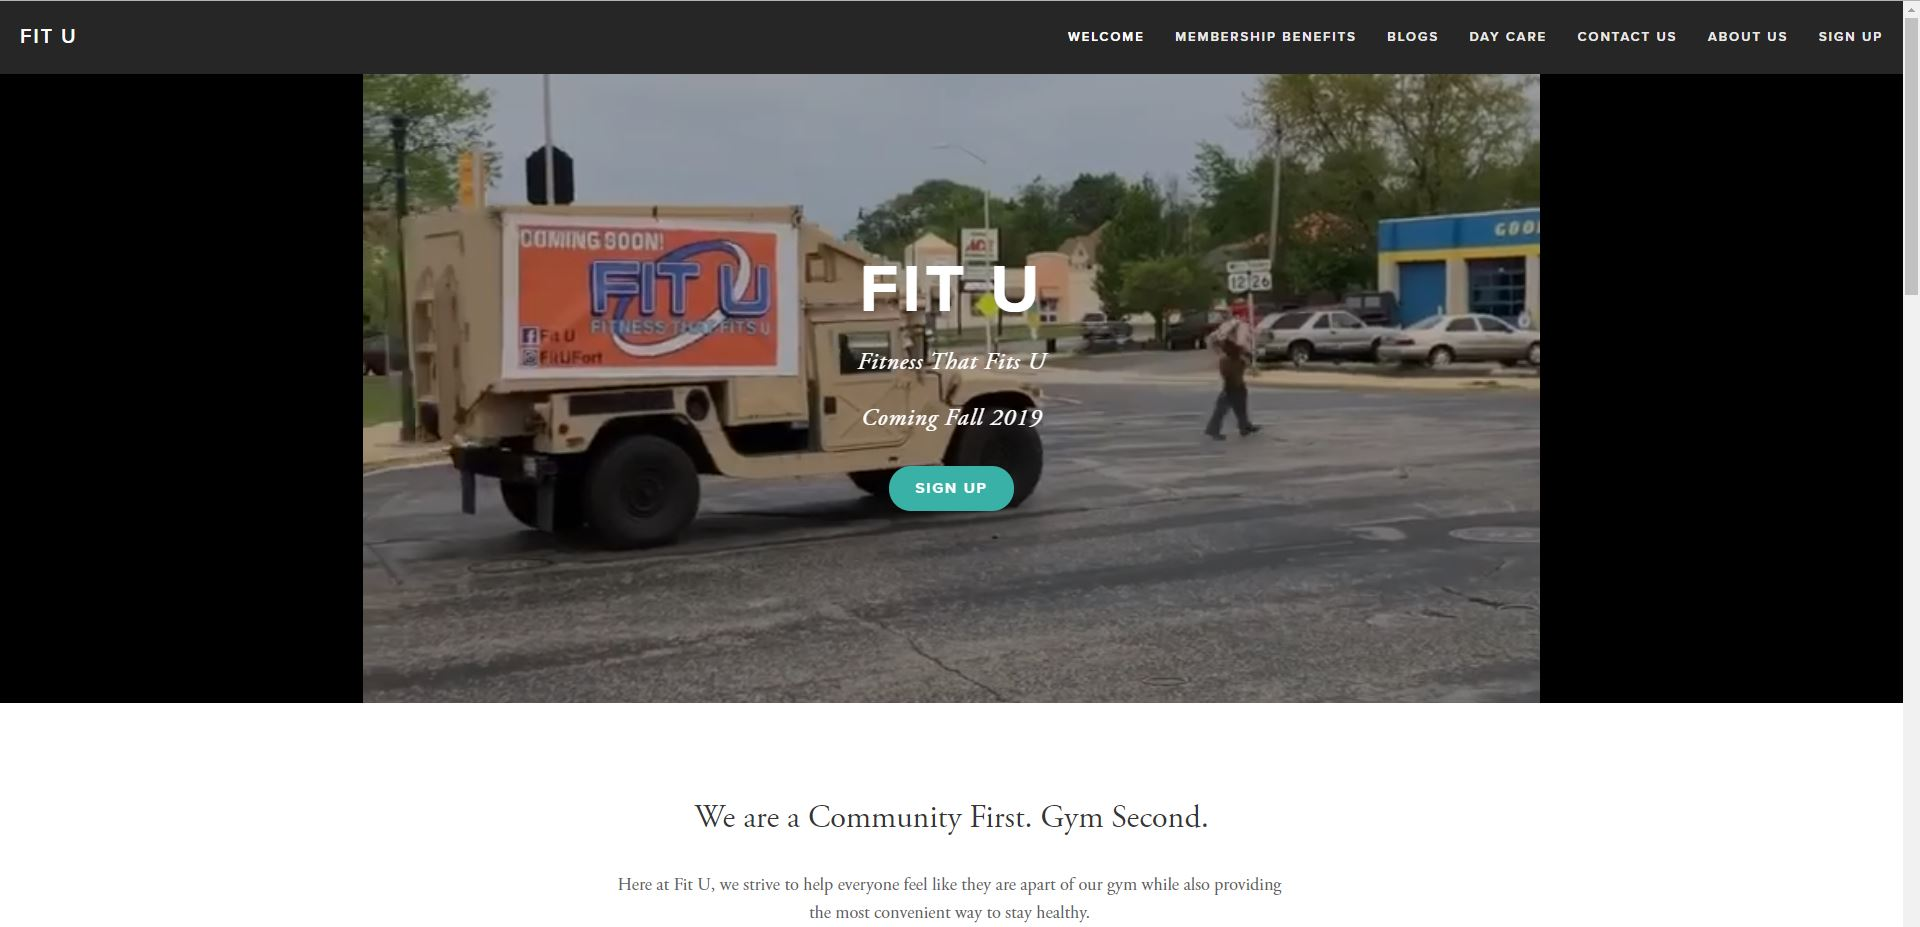 fit-u-fort-homepage.JPG